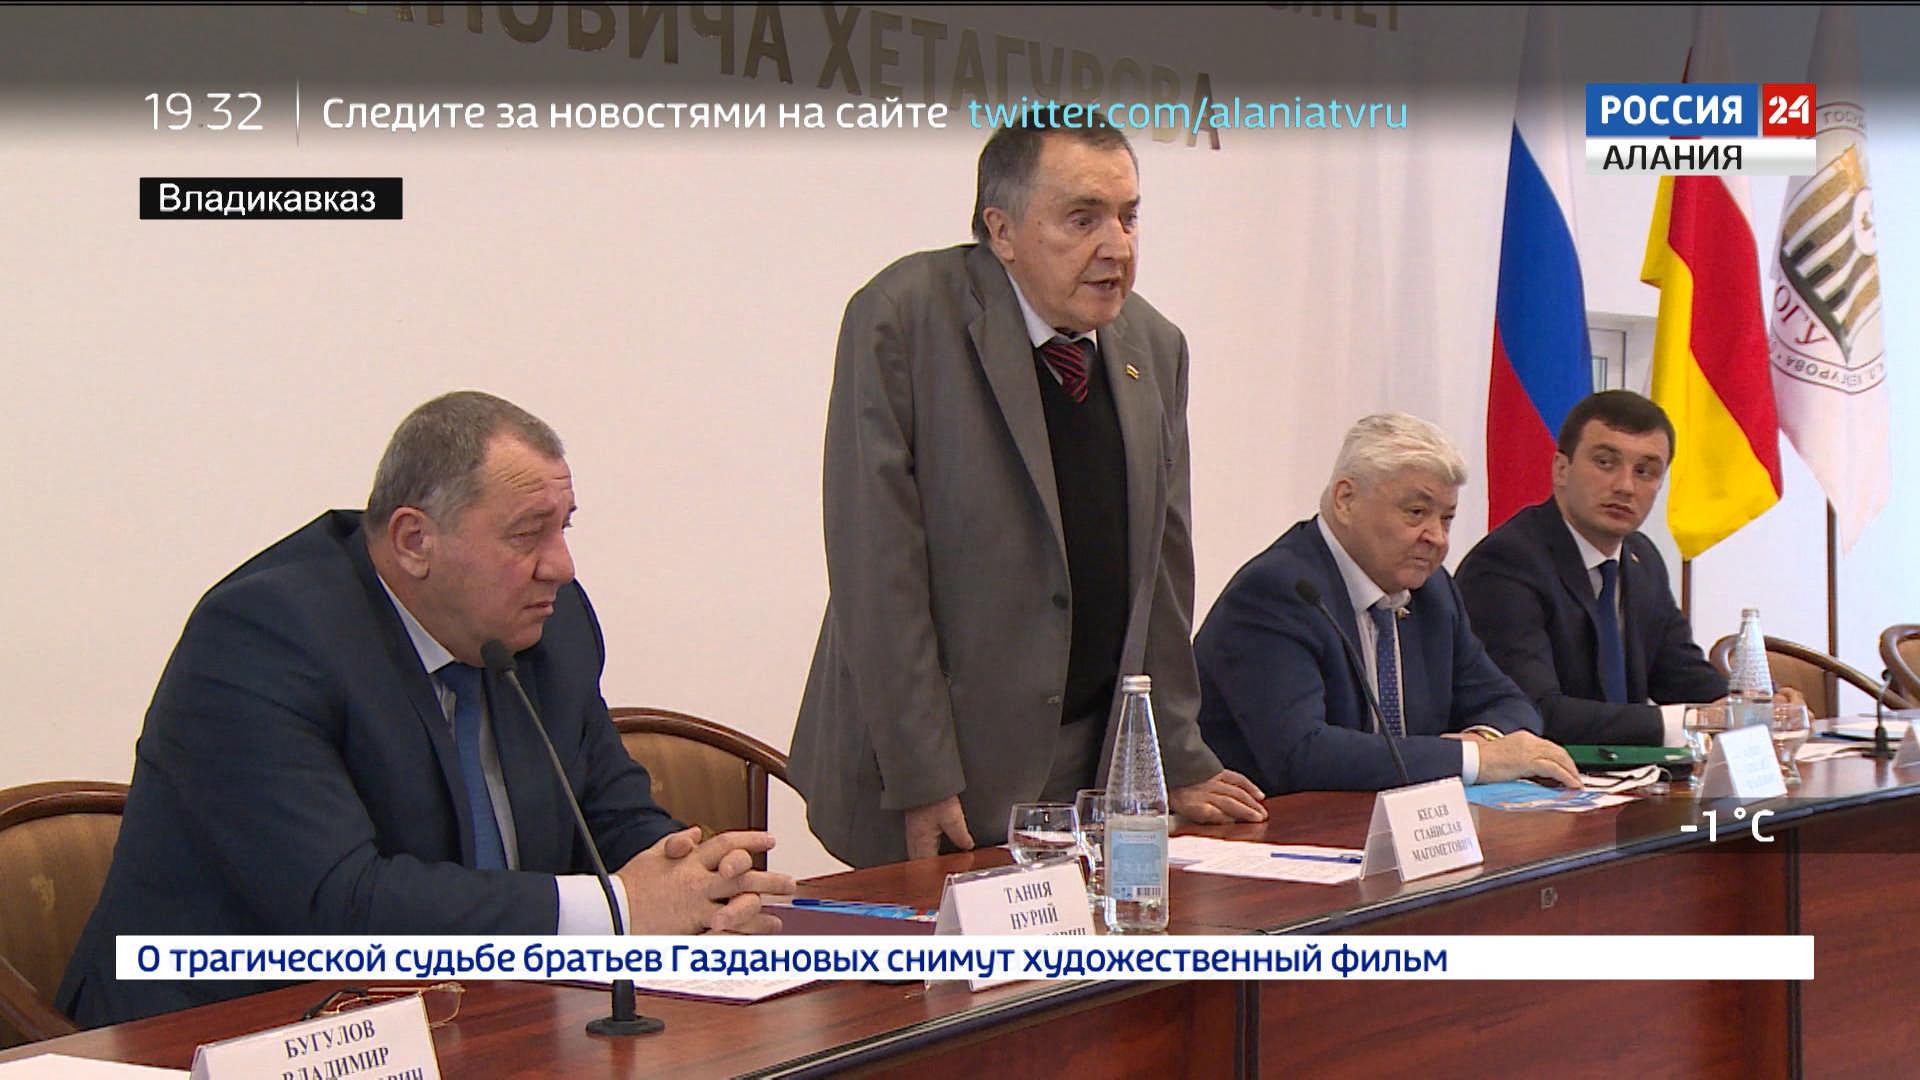 В СОГУ прошла Научно-практическая конференция «Конституция и конституционная законность»